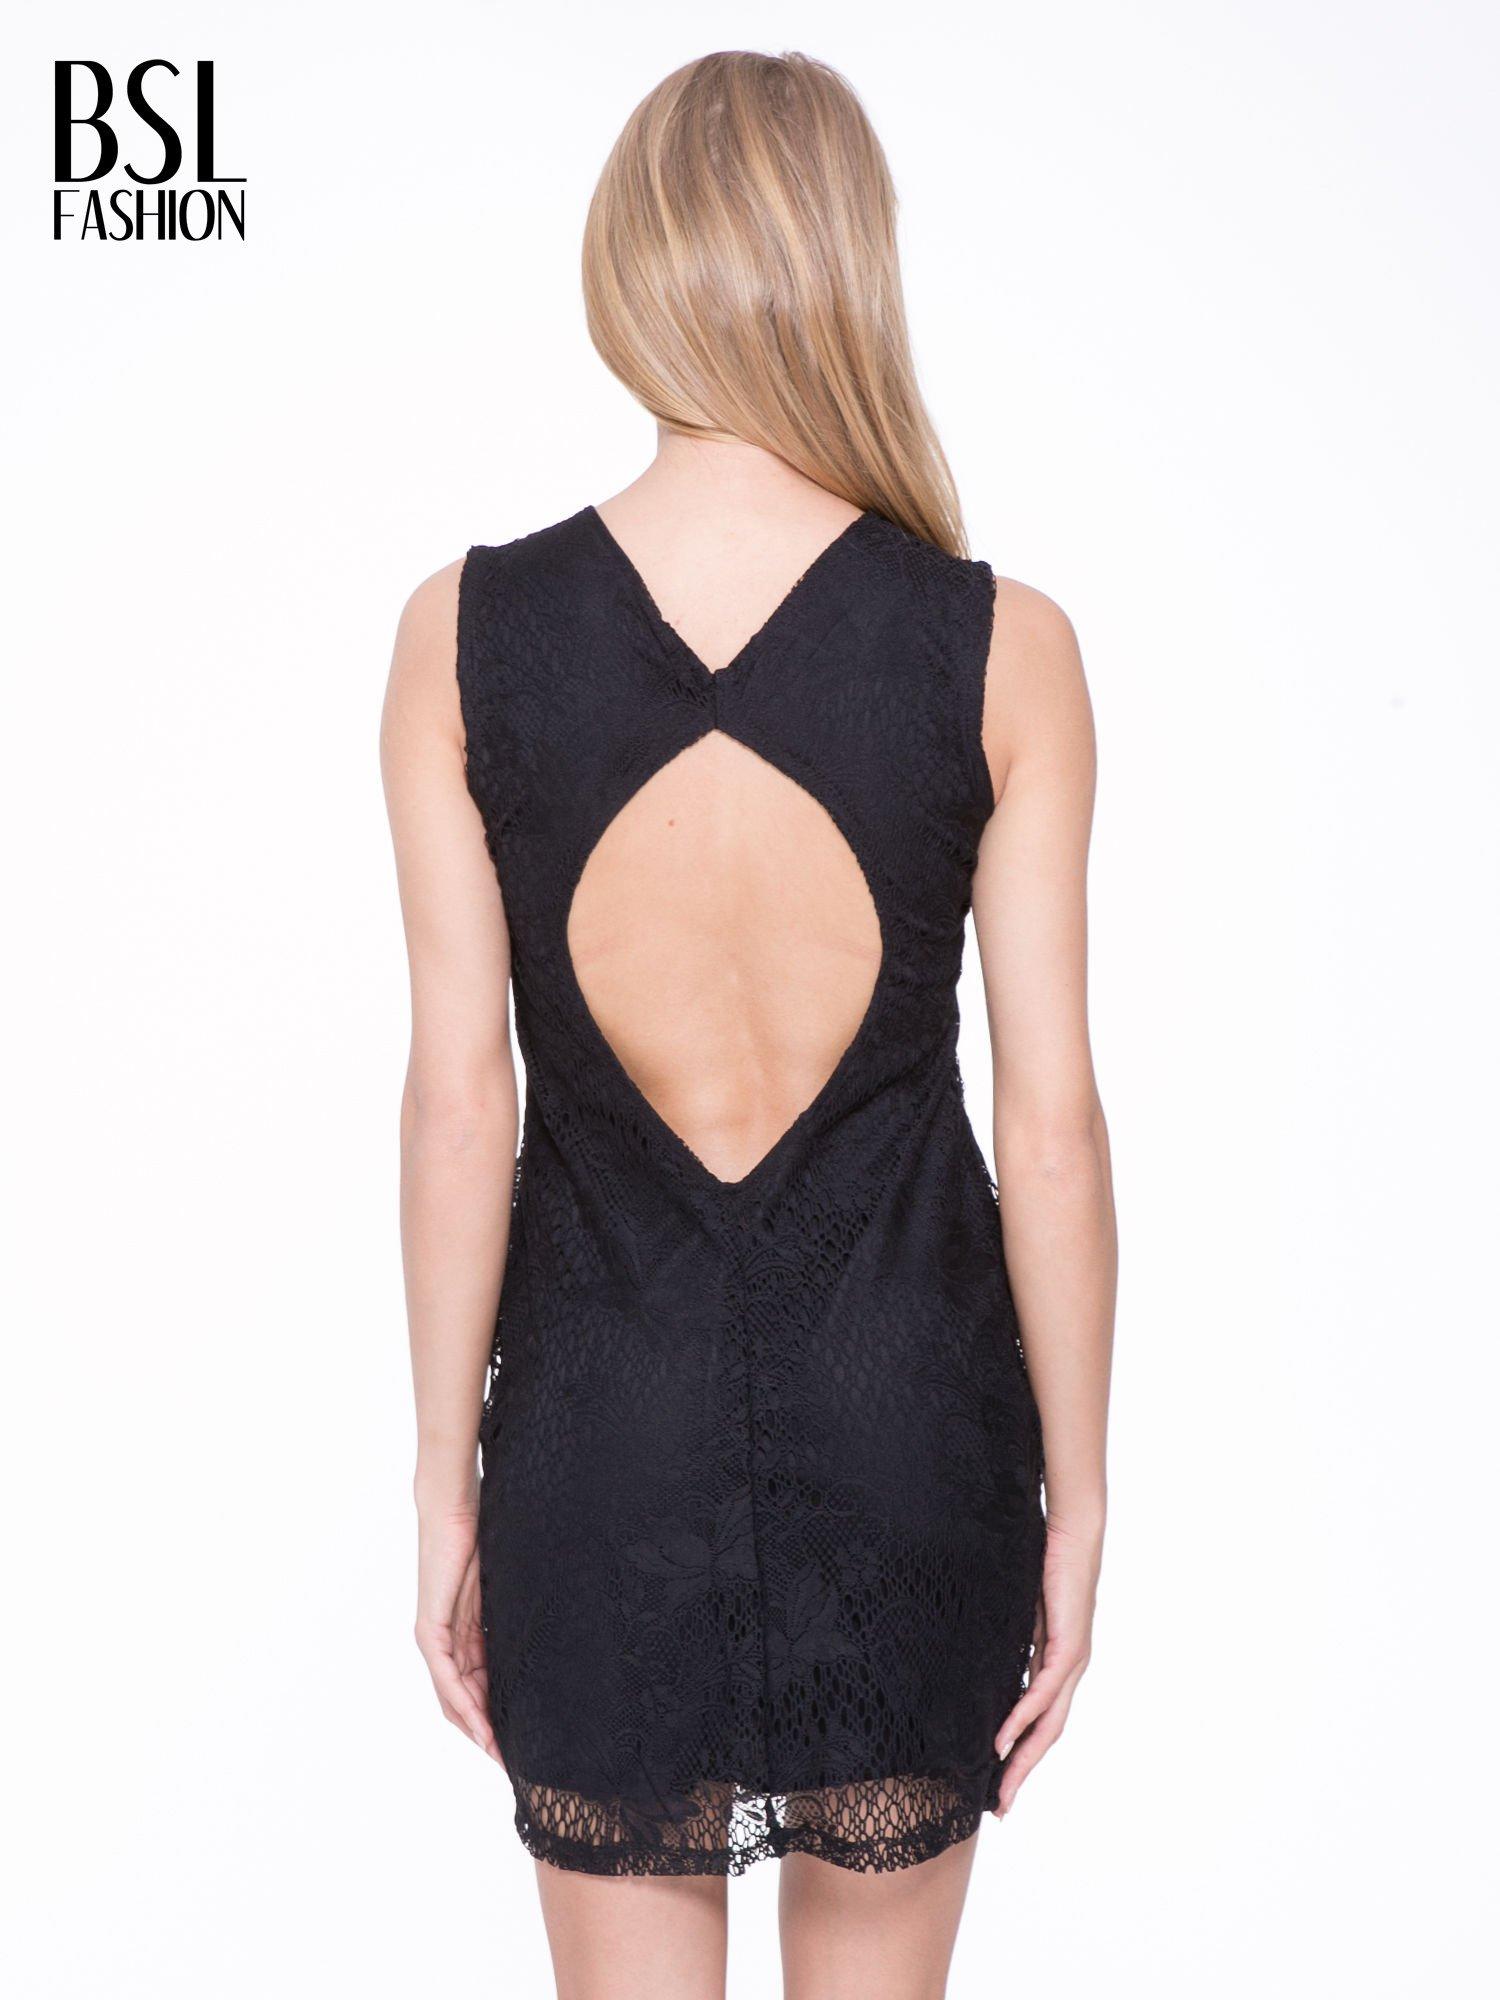 384754ac45 Czarna koronkowa sukienka z wycięciem na plecach - Sukienka ...